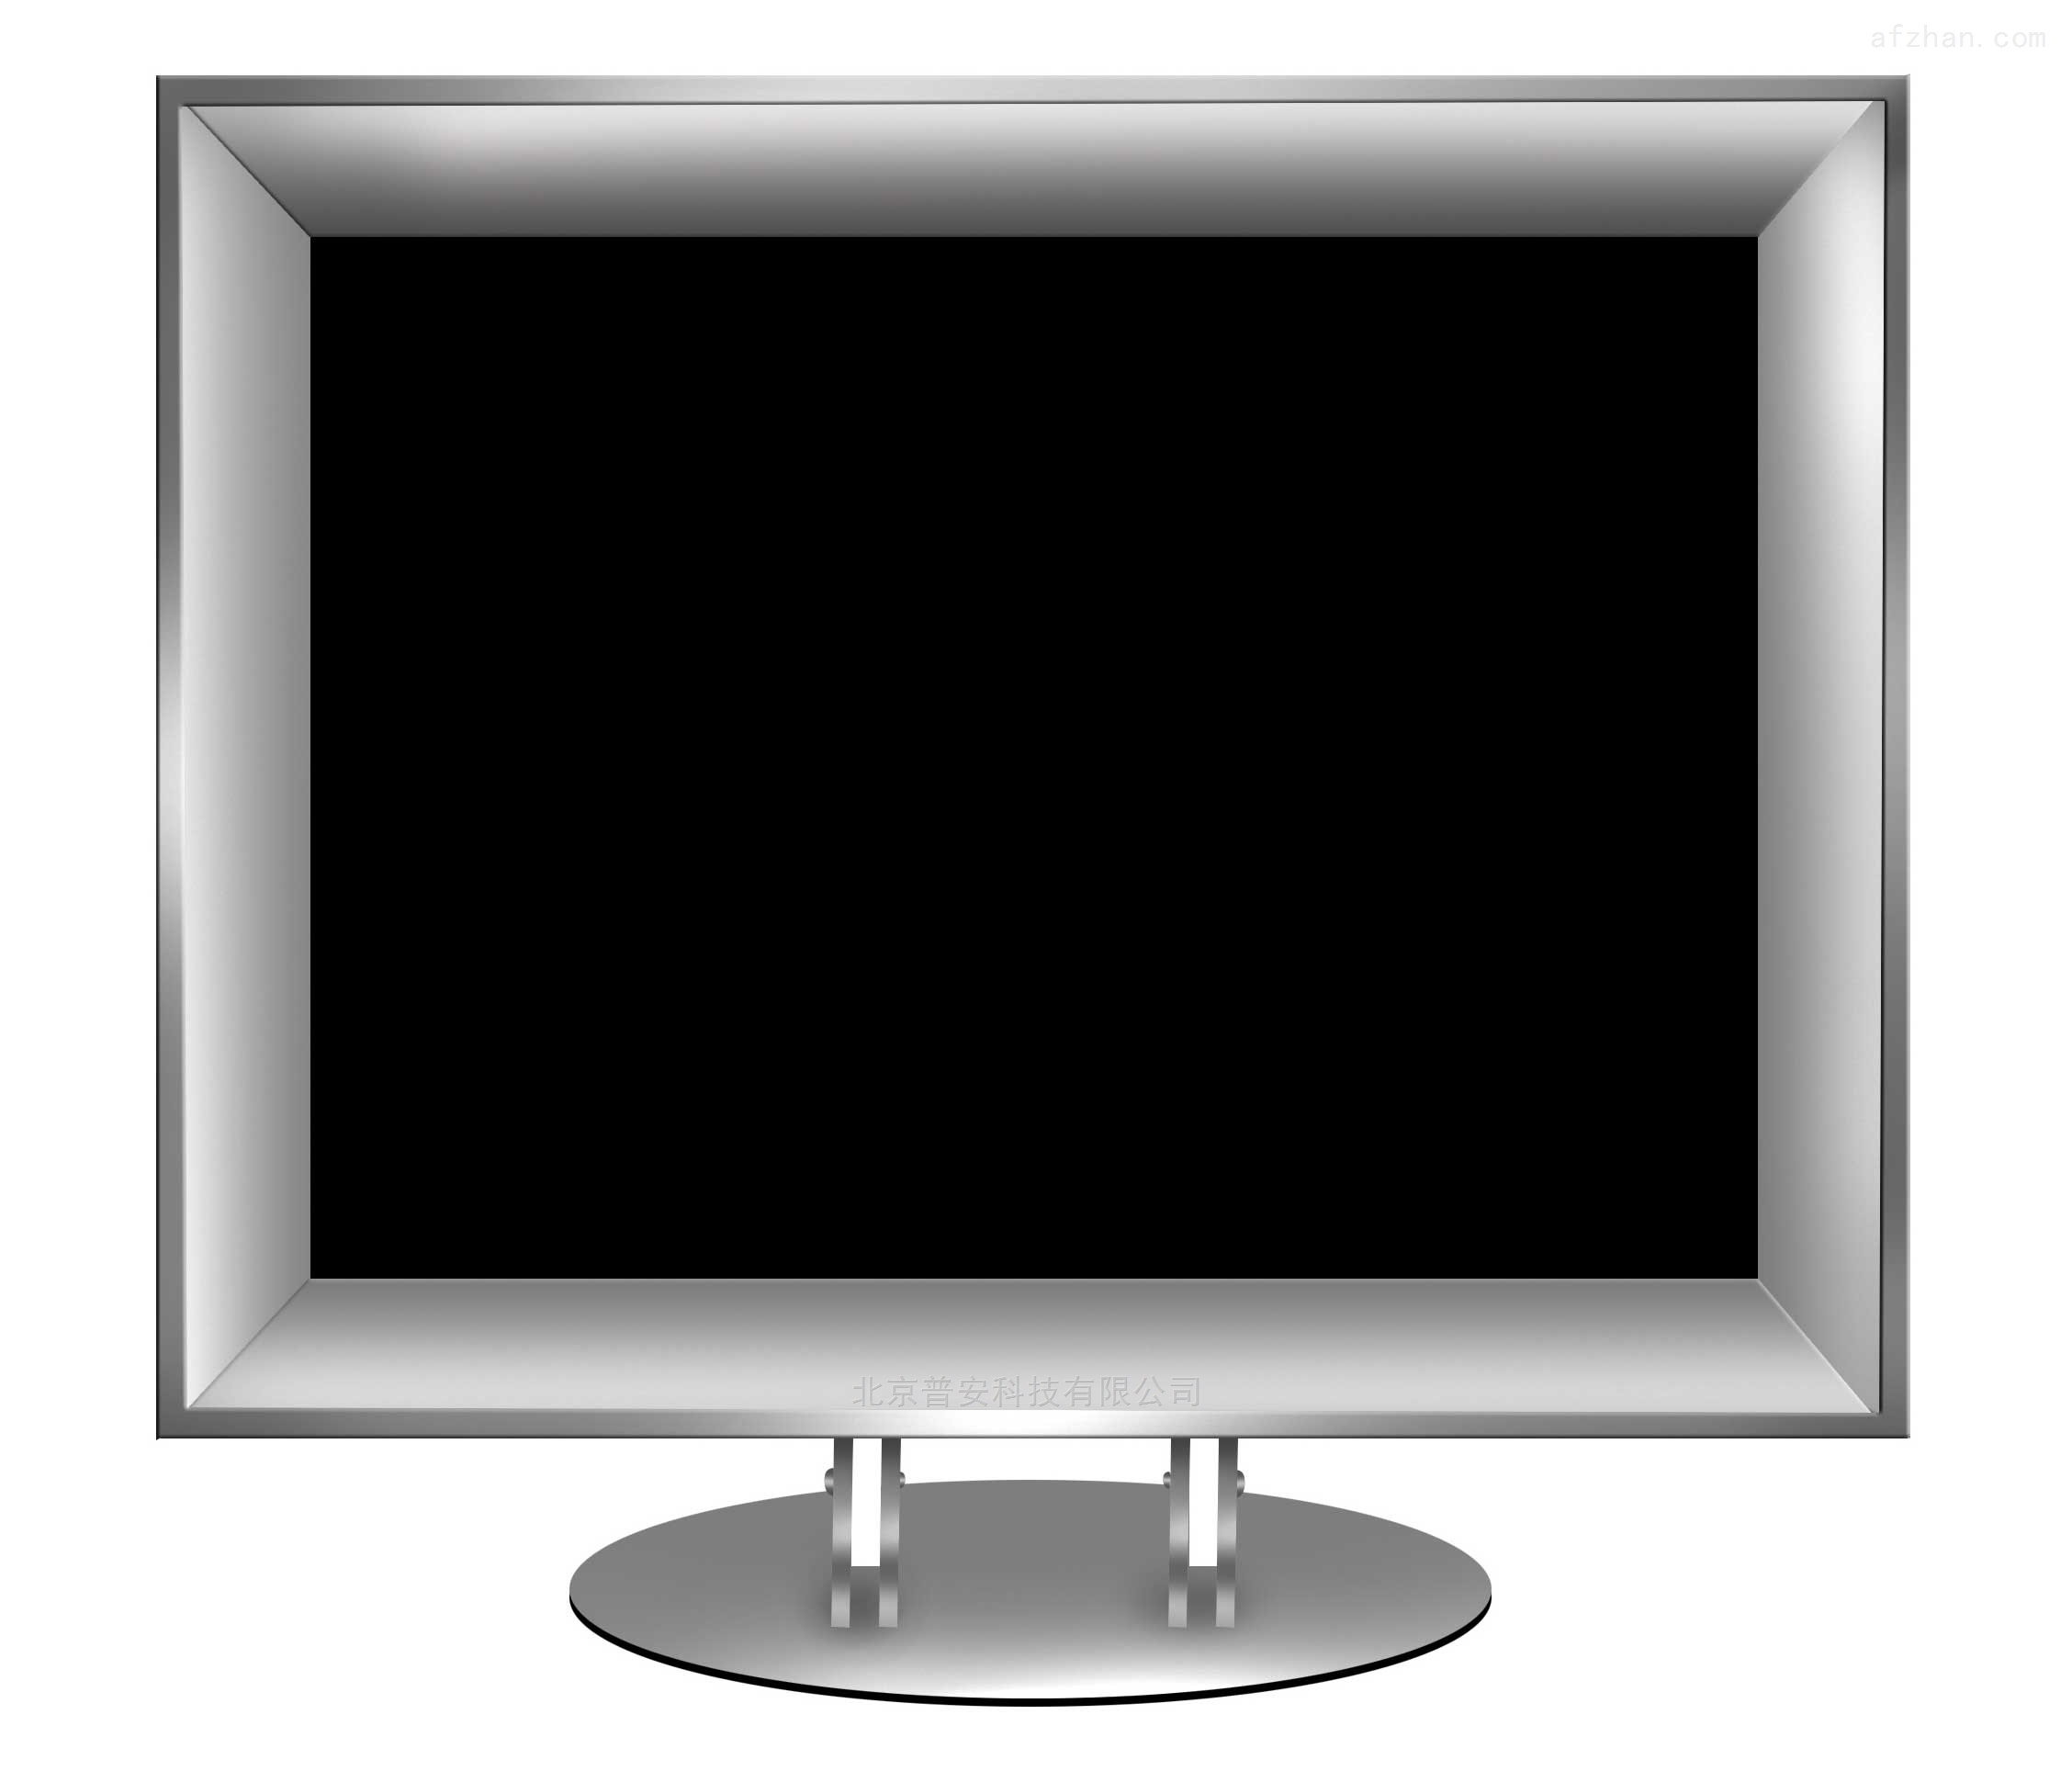 防爆显示器PAX-17可定制版